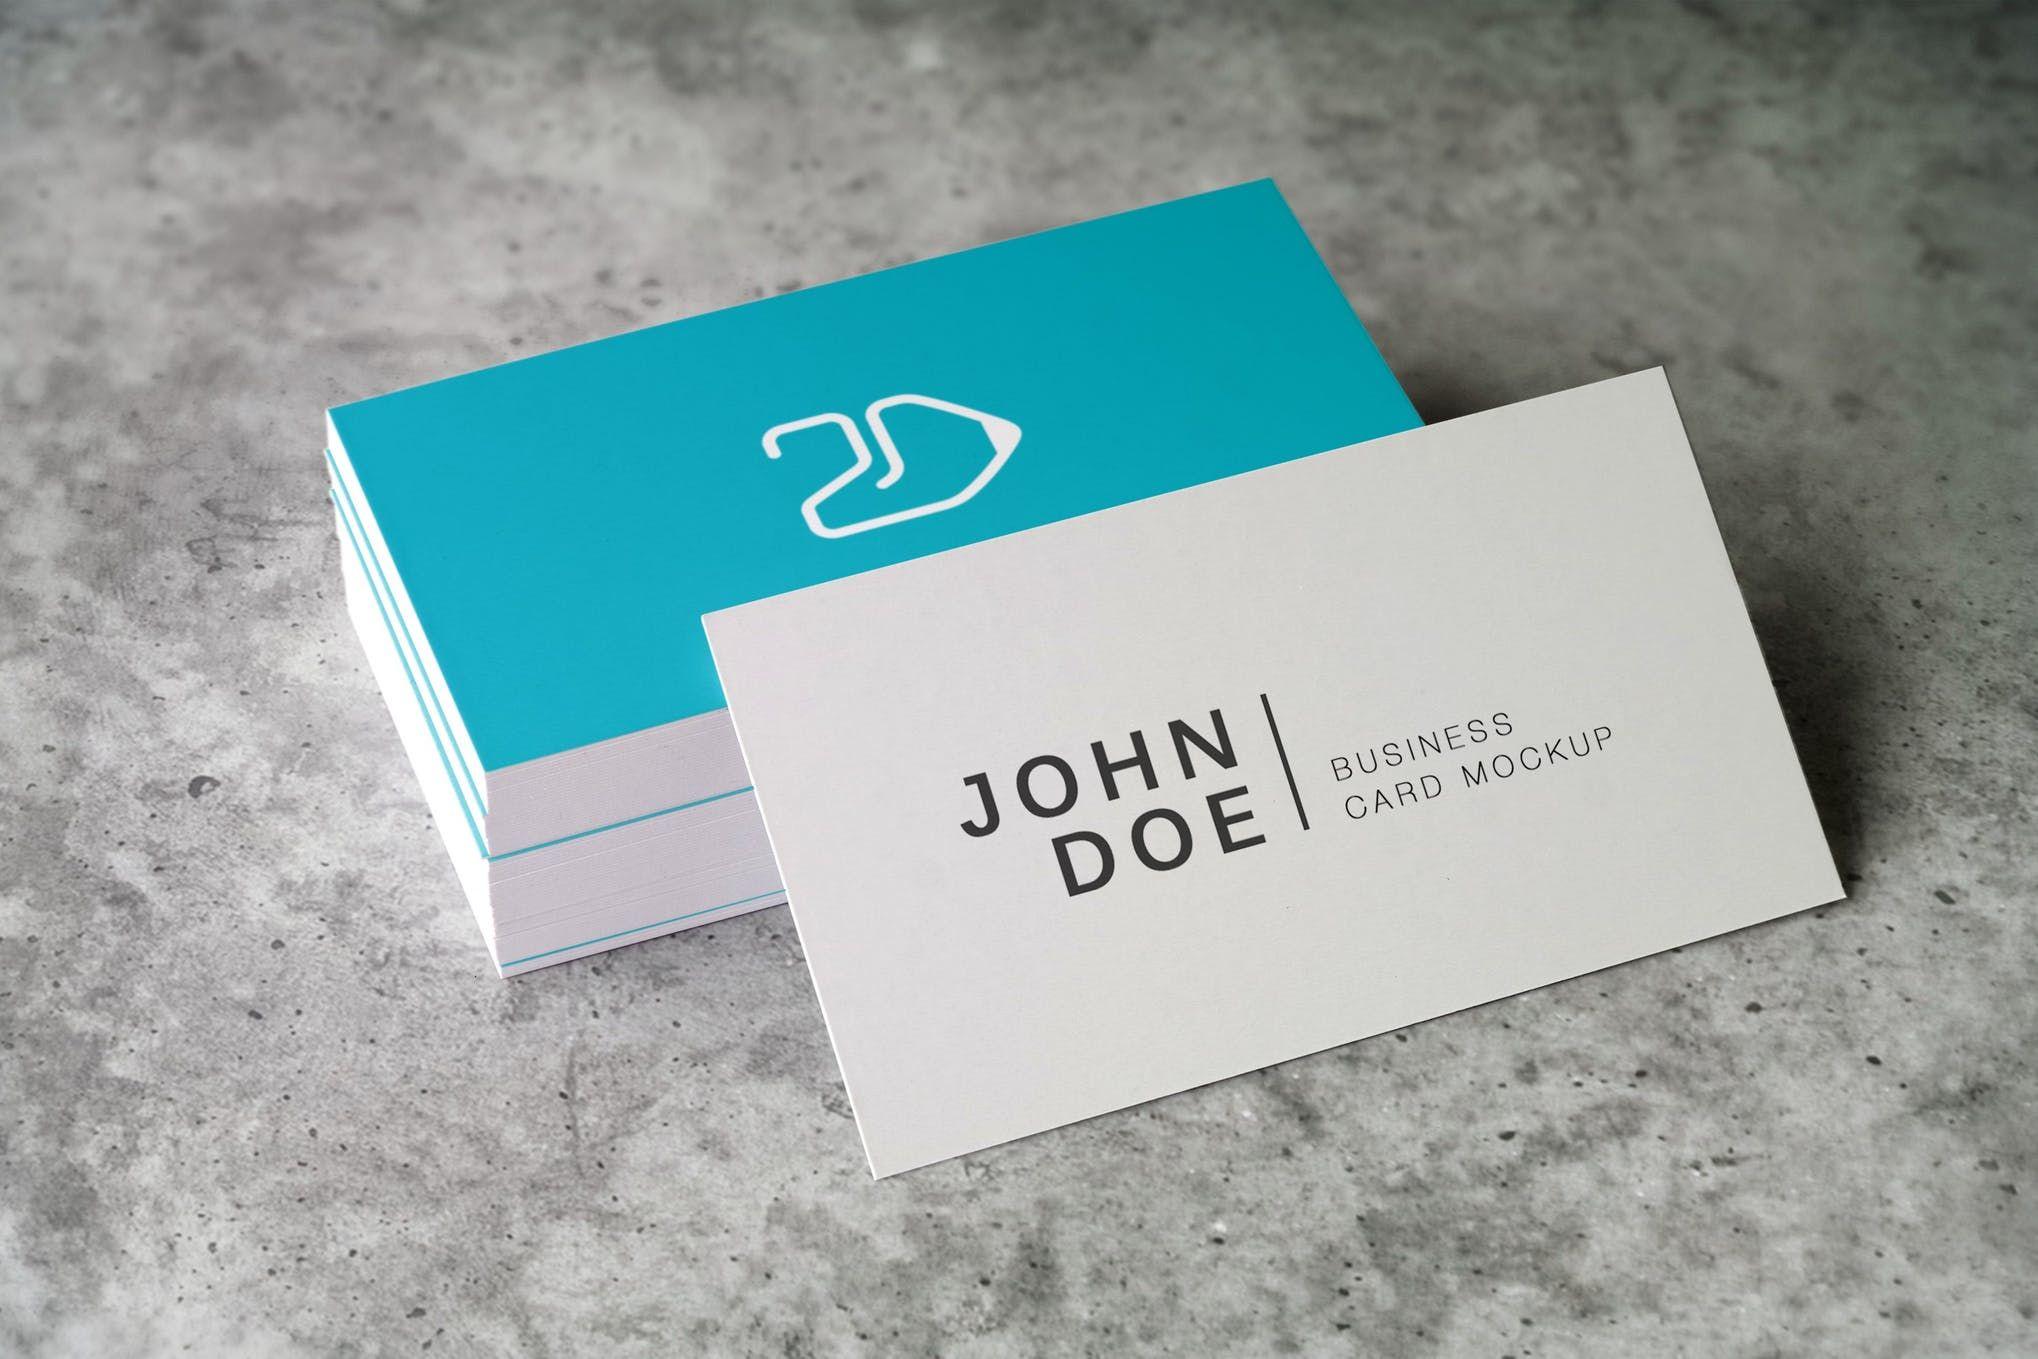 Business Card Mockup | Mock Ups | Business card mock up, Business